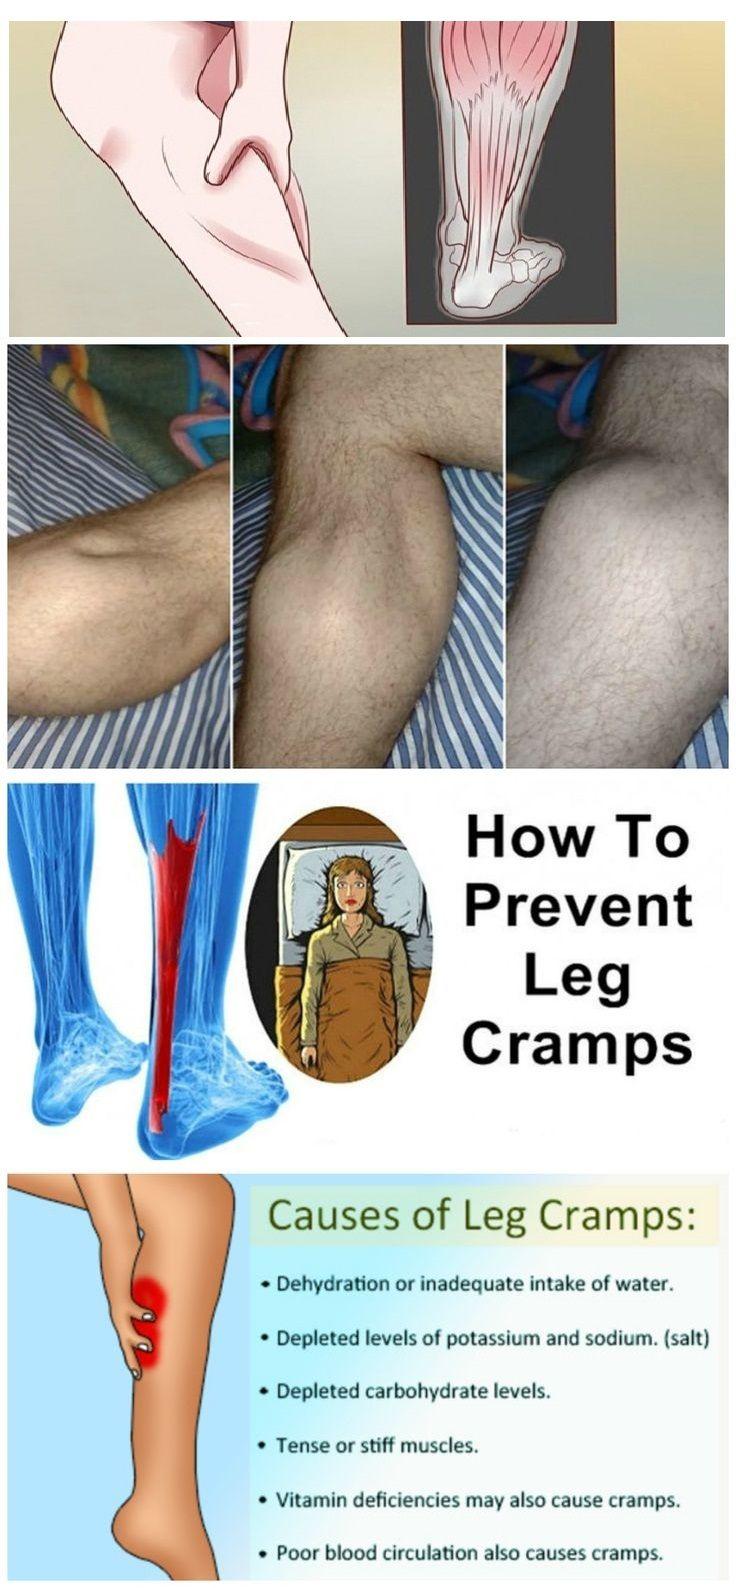 vit d deficiency leg cramps